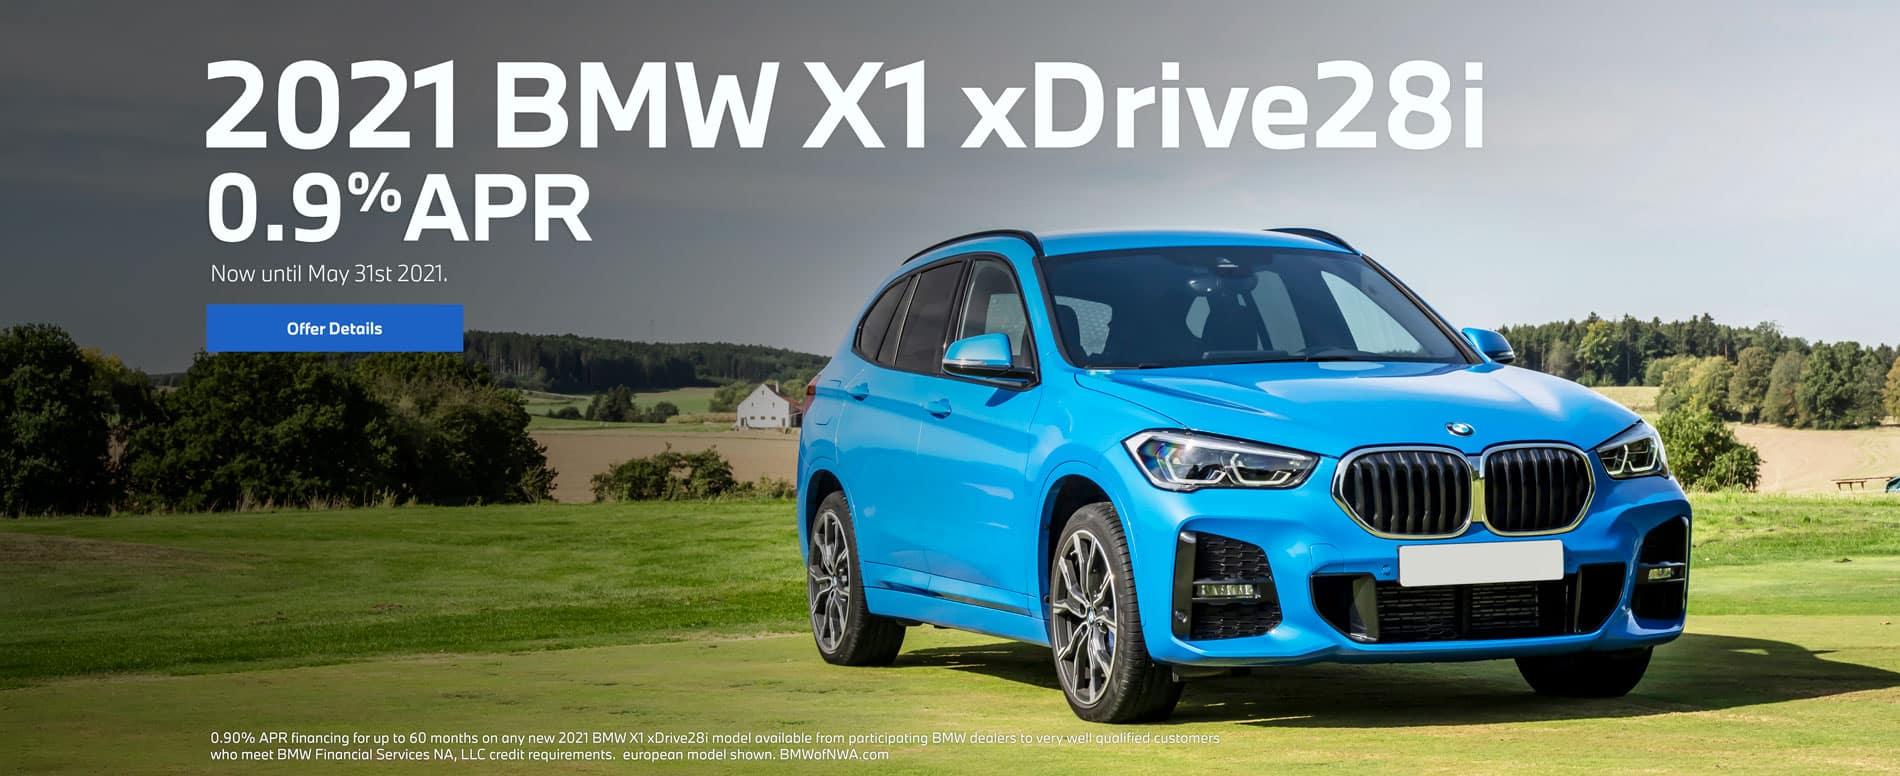 2021 X1 xDrive28i 0.9% APR